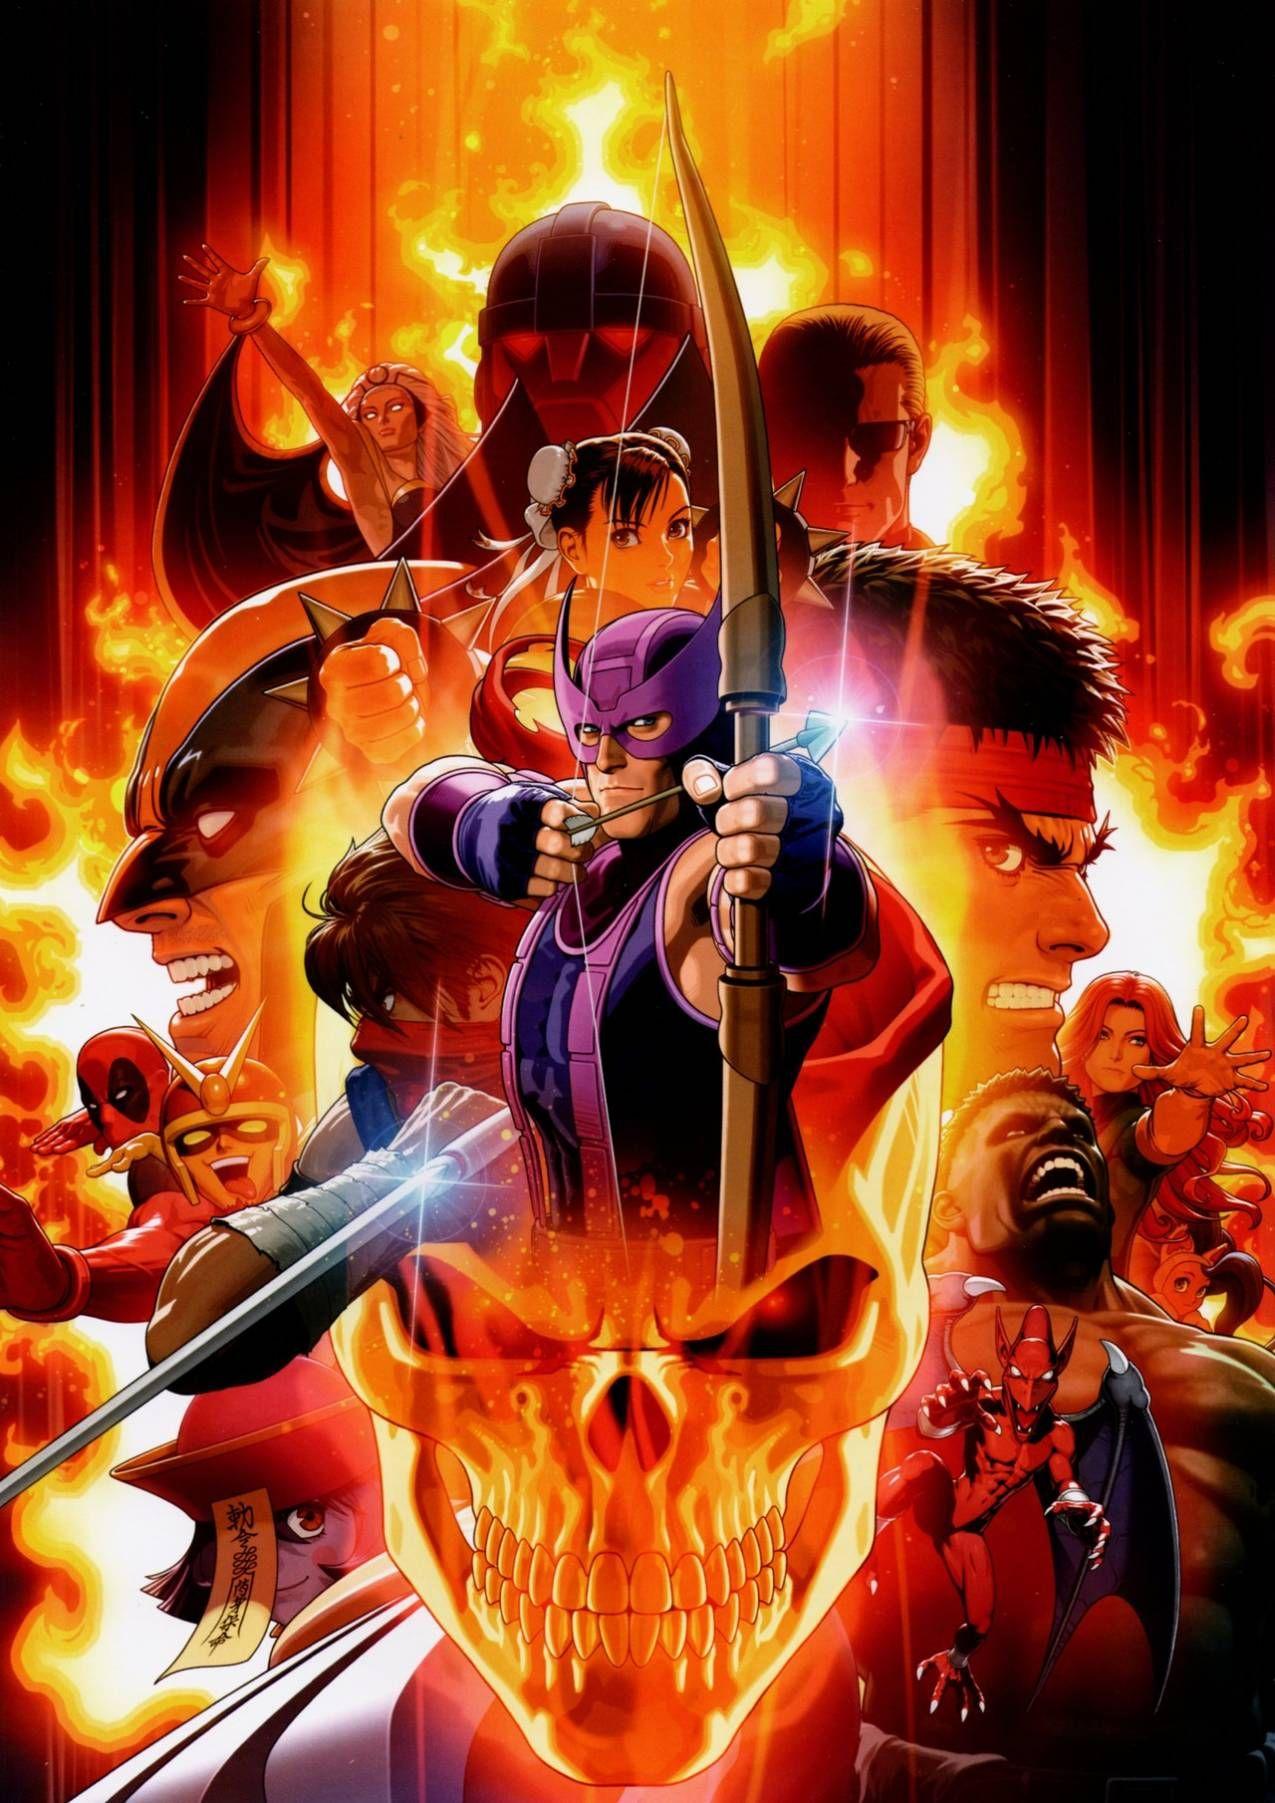 Ultimate Marvel Vs Capcom 3 Art By Shinkiro I Want Your Skulls